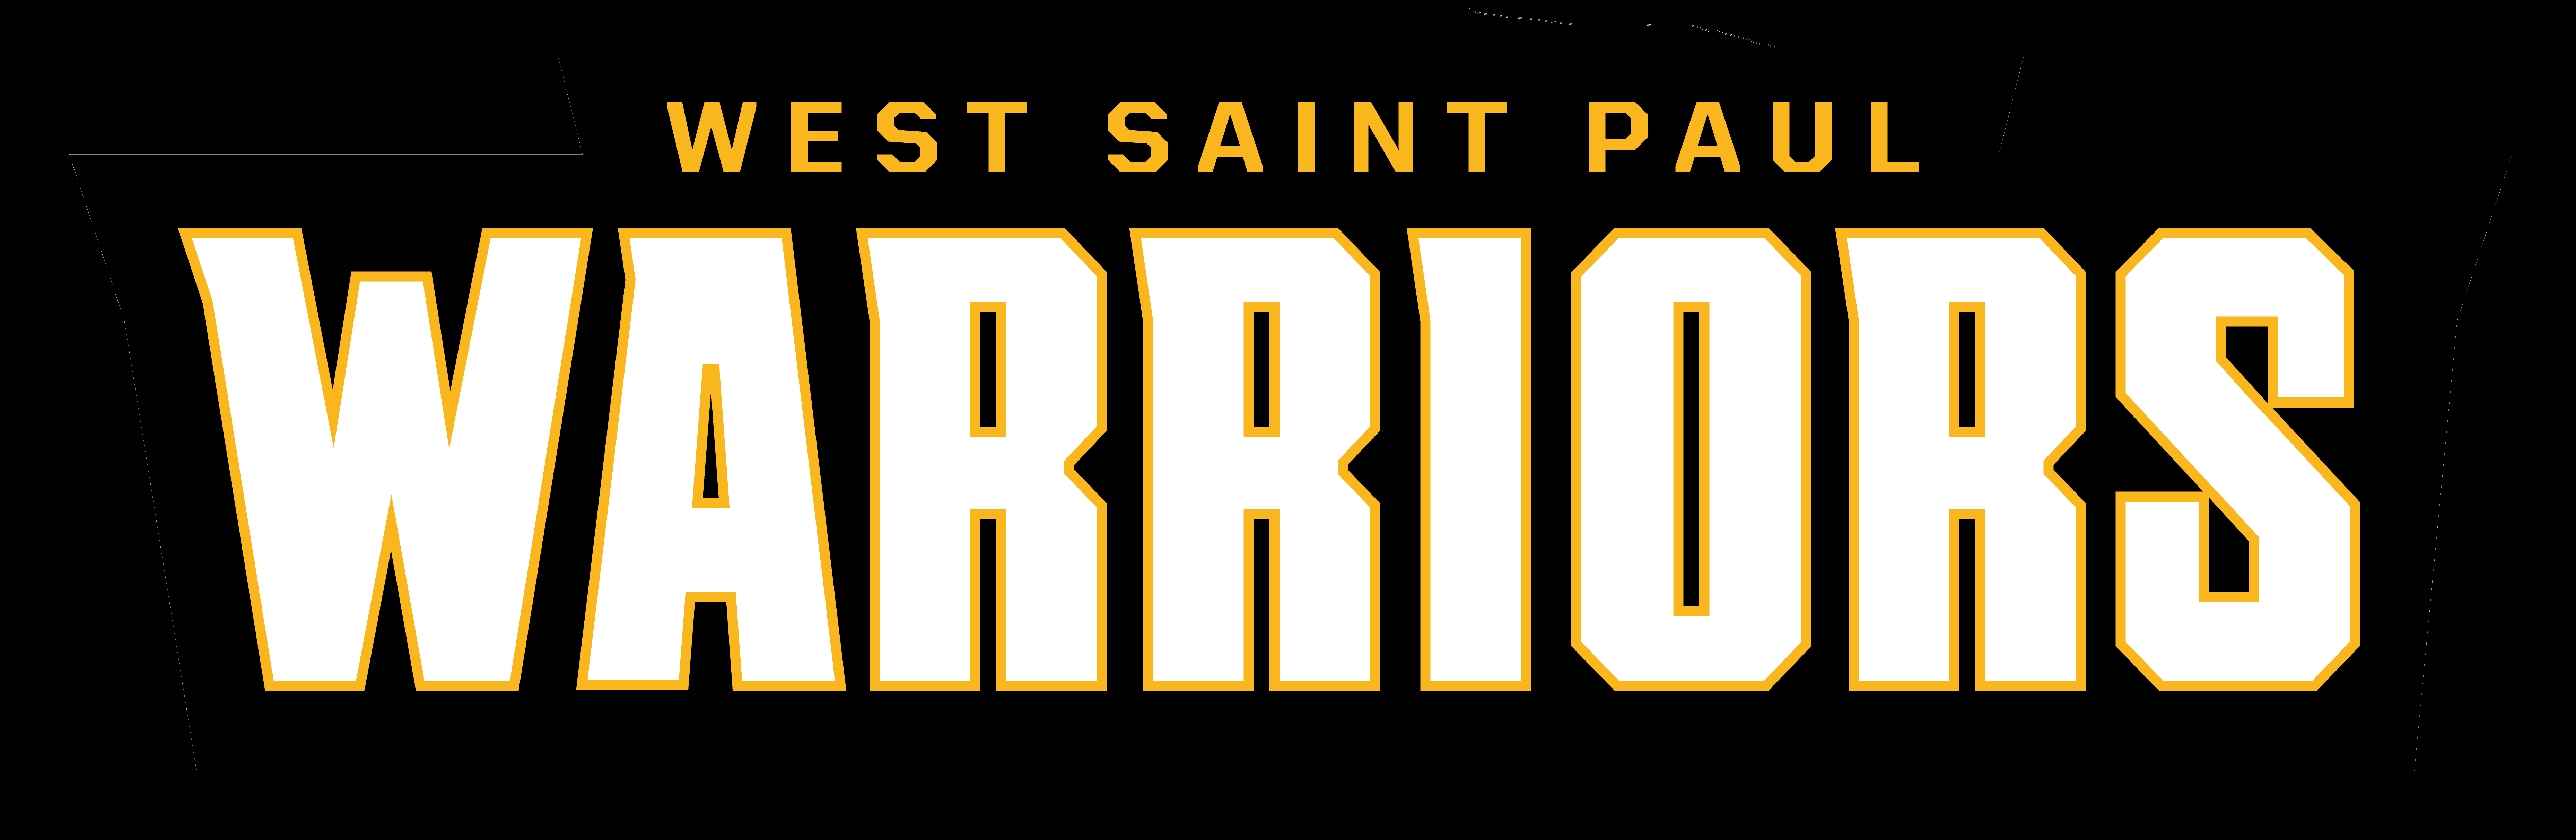 Wsp warriors wordmark use